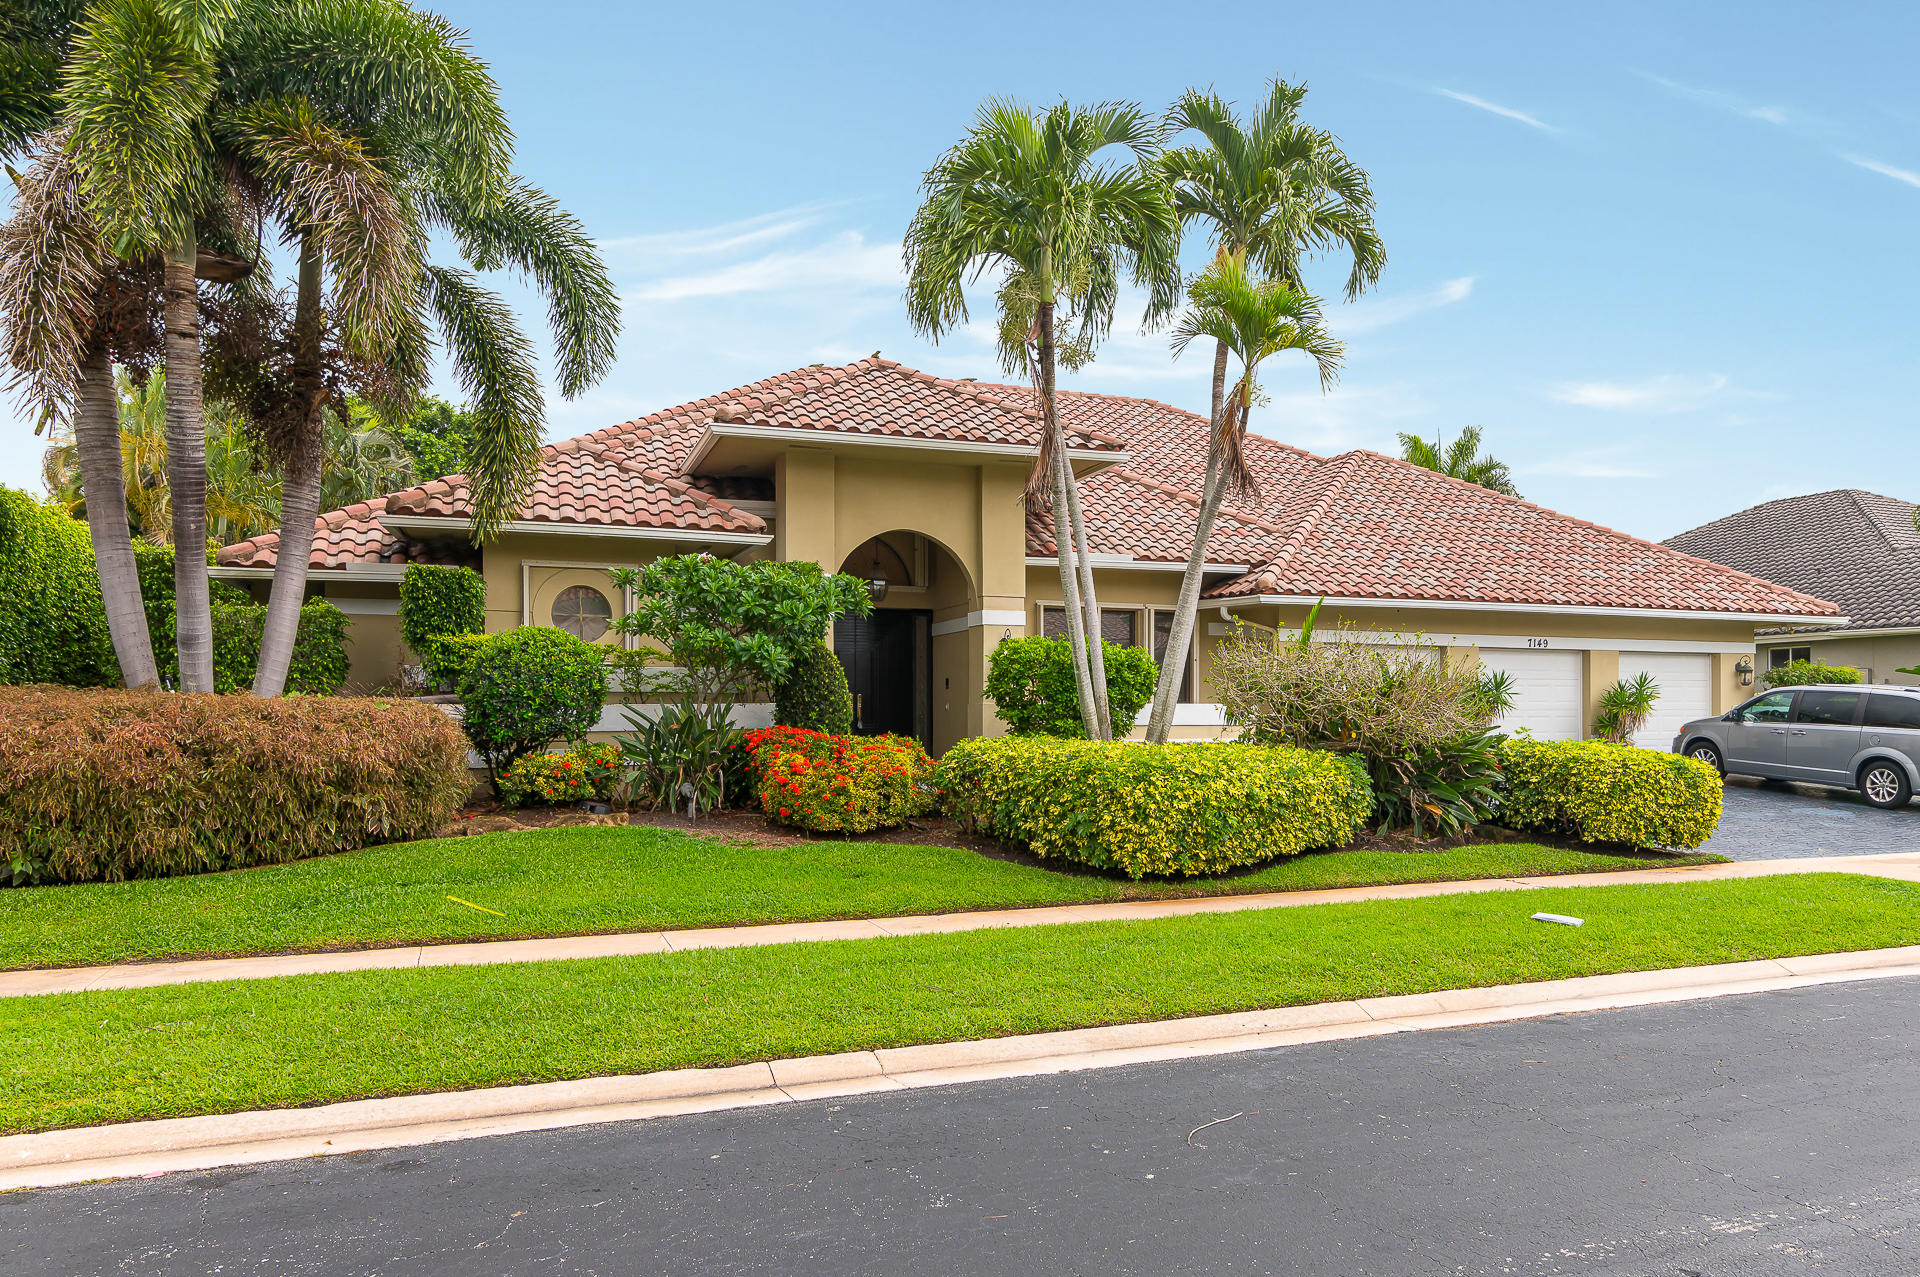 Home for sale in ENCANTADA at Boca Pointe Boca Raton Florida